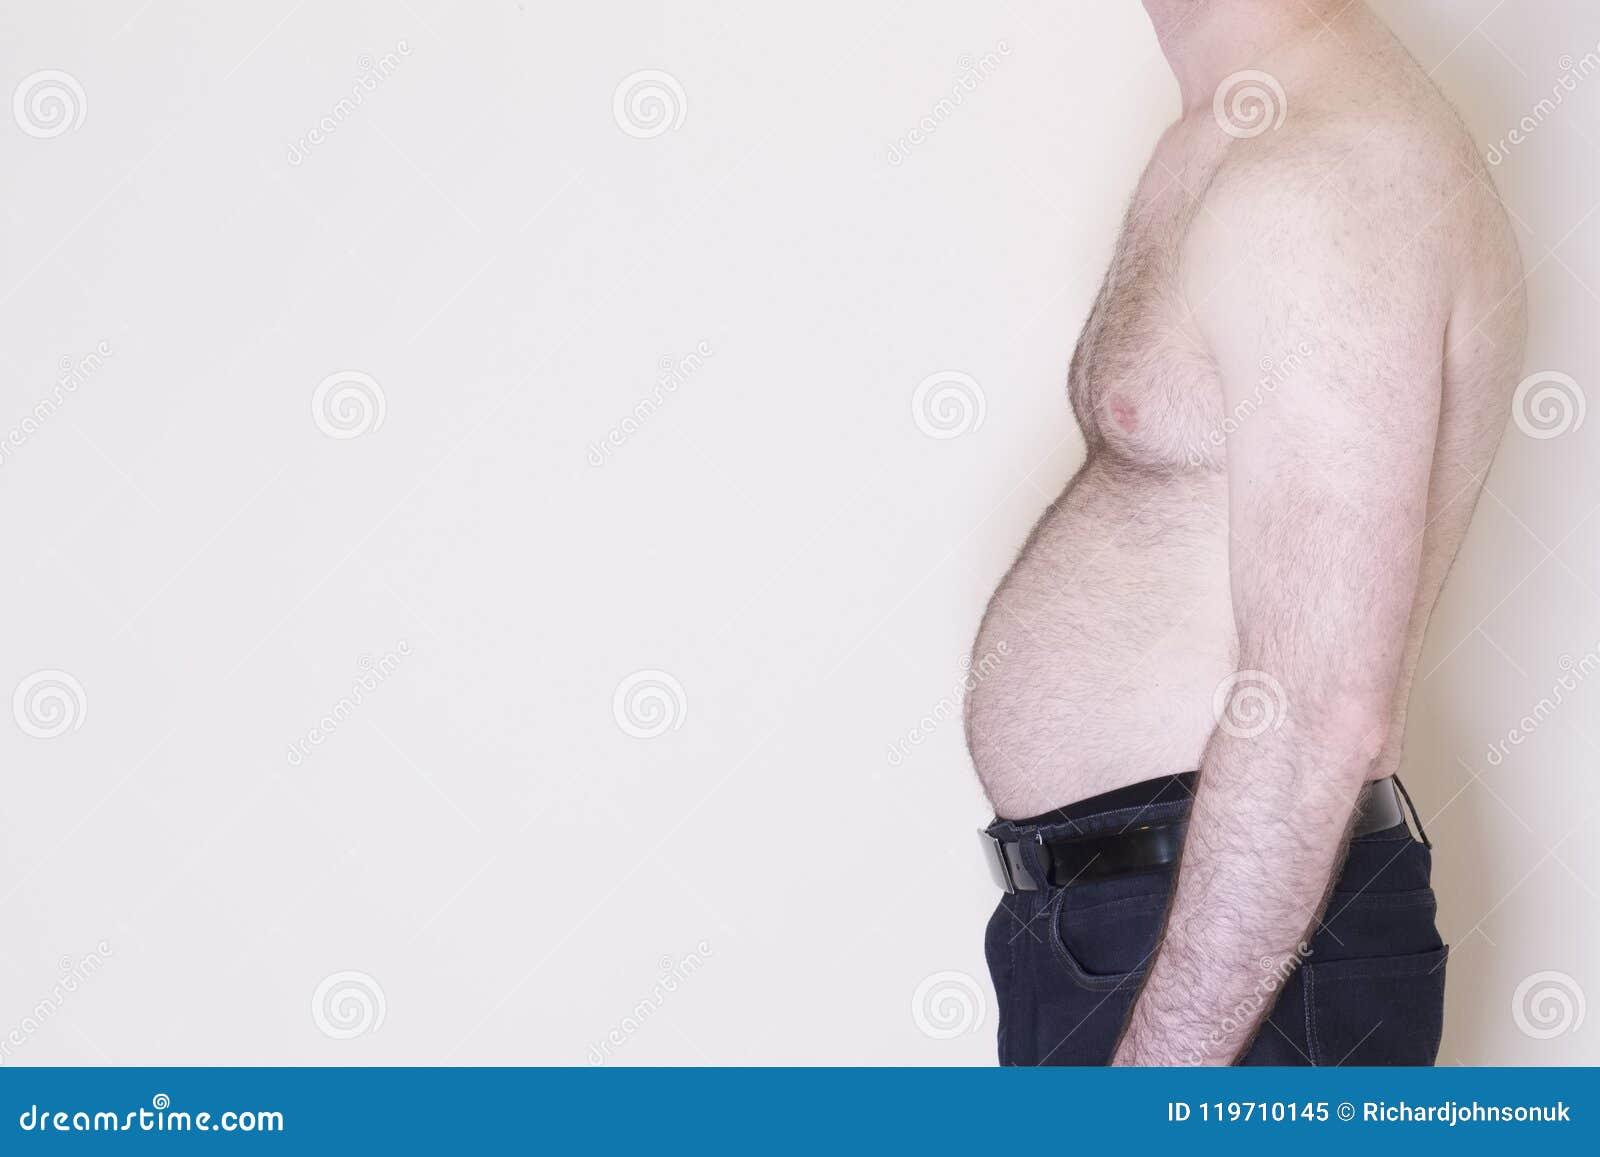 Ο Μεσαίωνας διέδωσε το υπέρβαρο μπύρας κοιλιών tummy αρσενικό ατόμων στομάχι βάρους παχυσαρκίας τρόπου ζωής υγείας ανθυγειινό